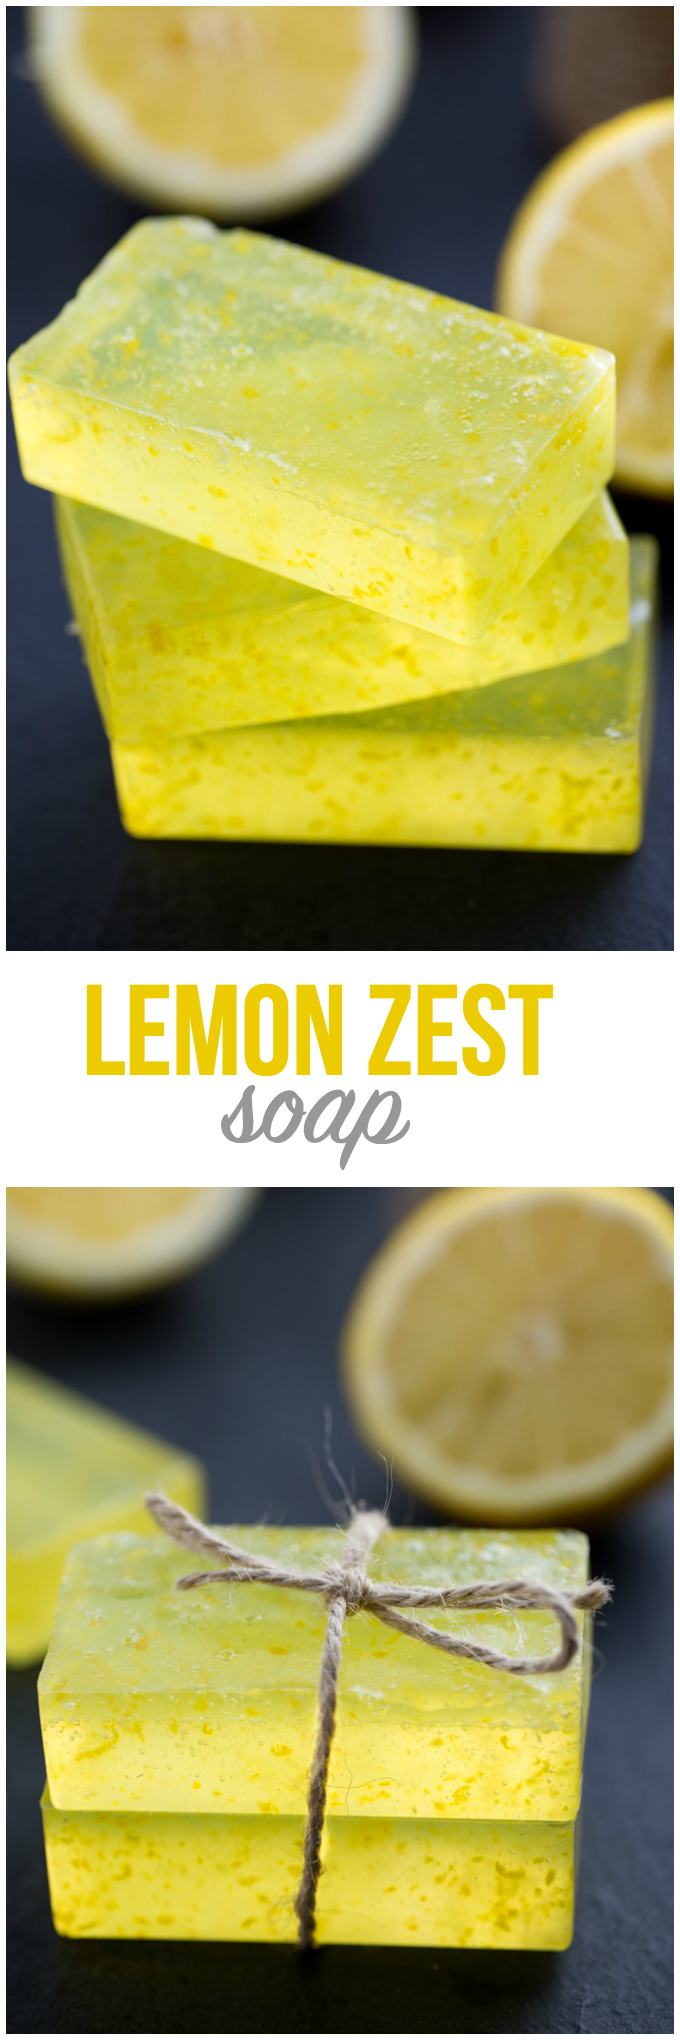 Jabón de zumo de limón: ¡solo tres ingredientes en este simple DIY! Este jabón de zumo de limón huele fresco y limpio y se siente muy bien en la piel.